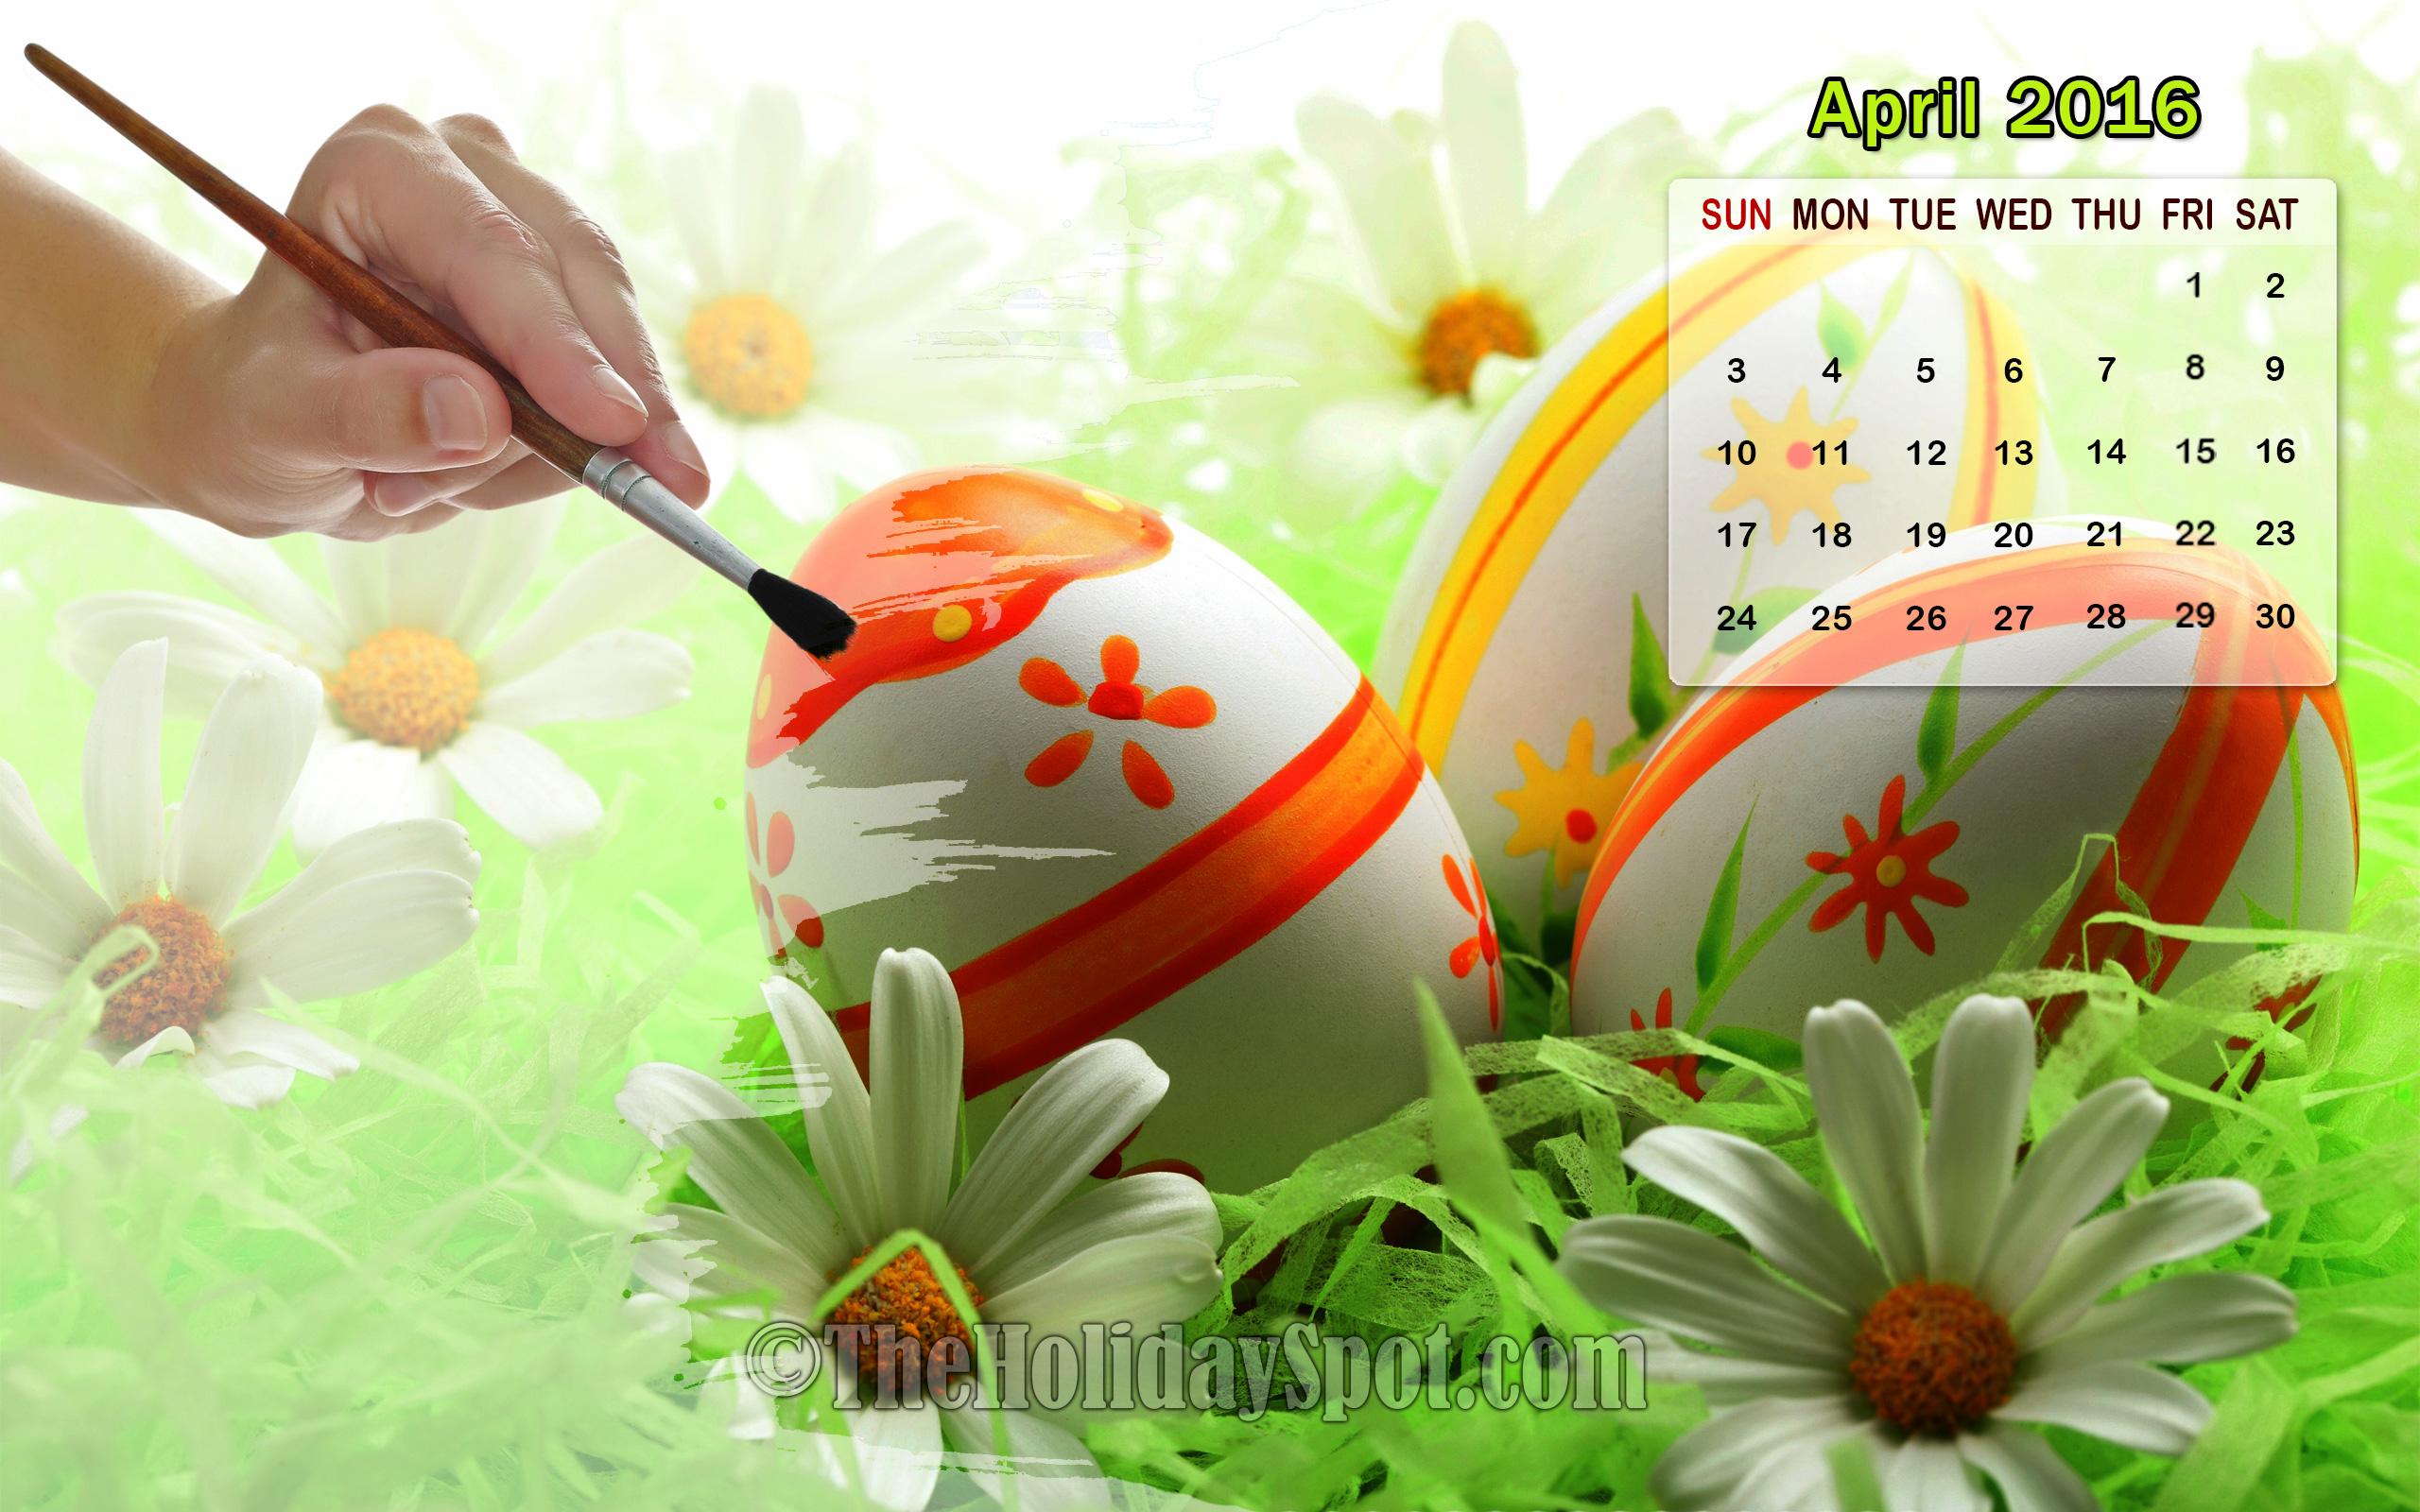 April 2016 Calendar Wallpaper Images 2560x1600